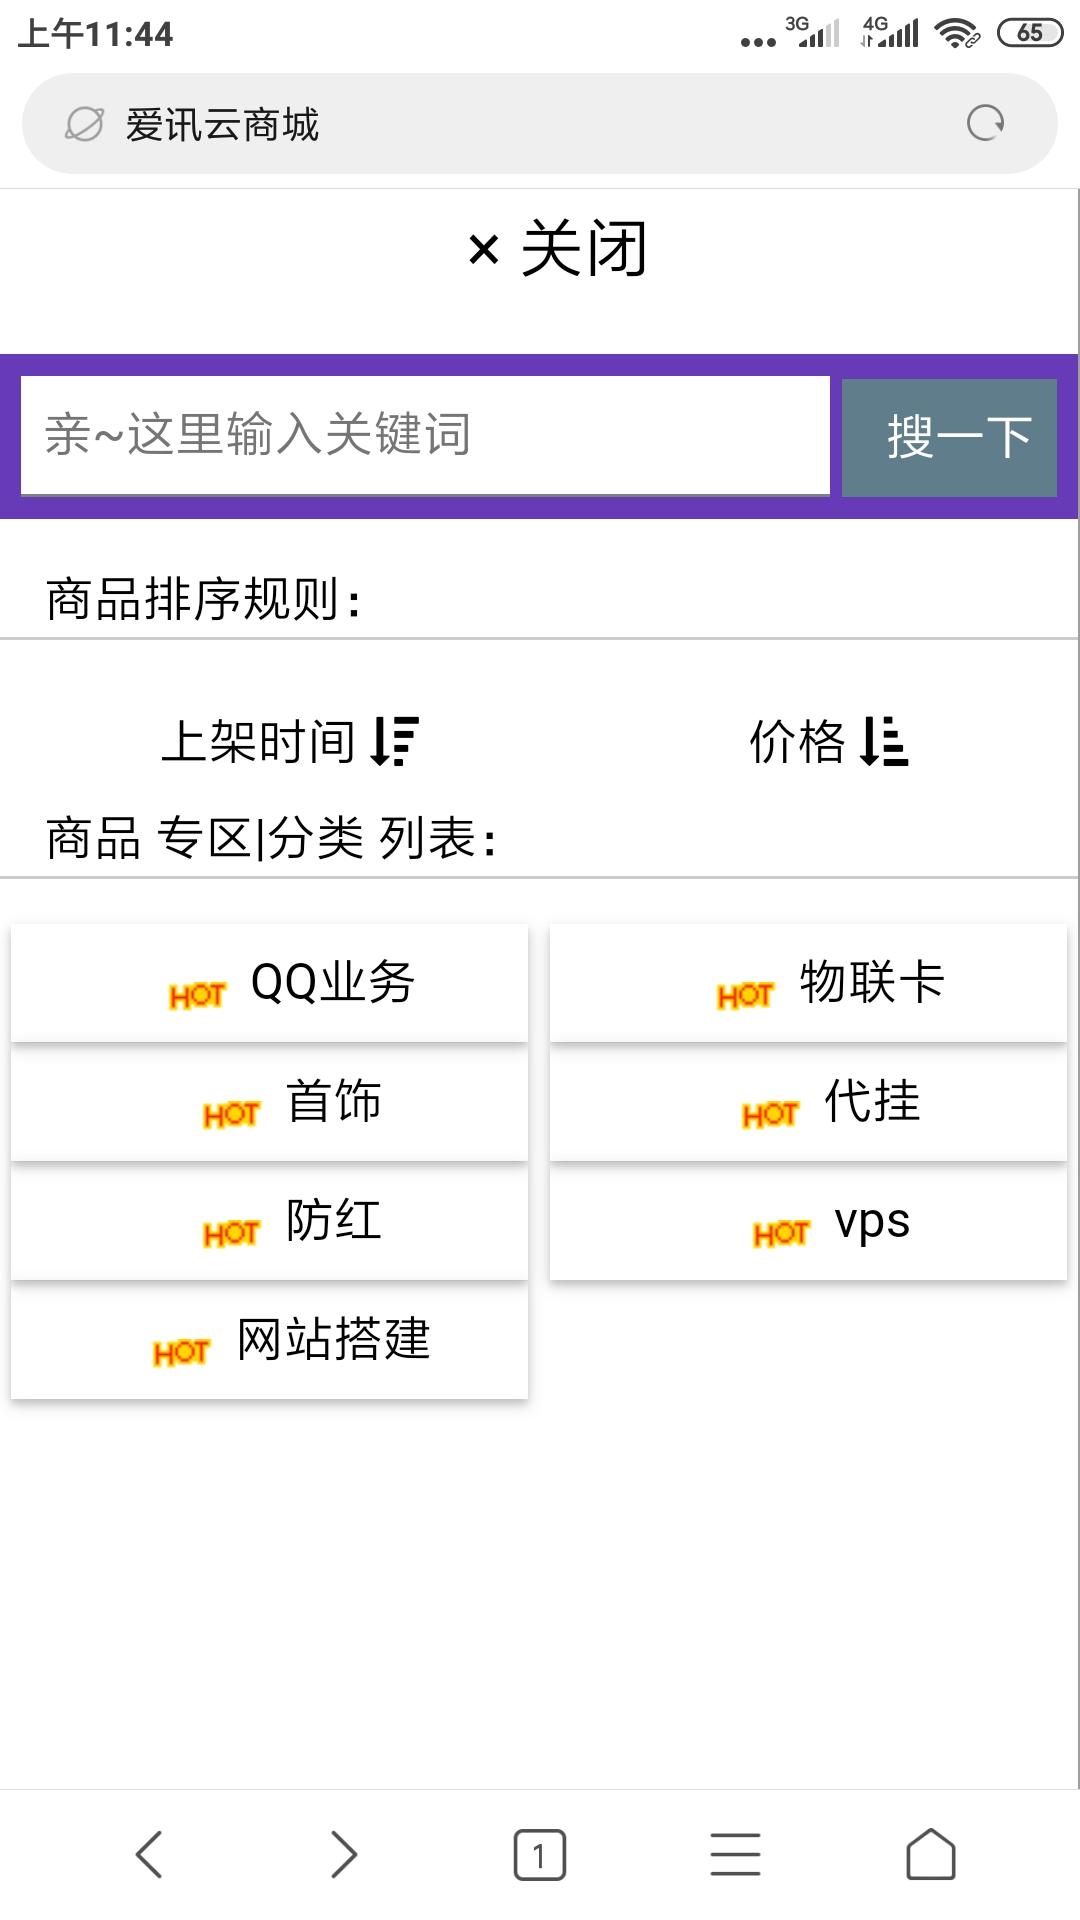 【免费分享】最新爱讯云商城0.8.5